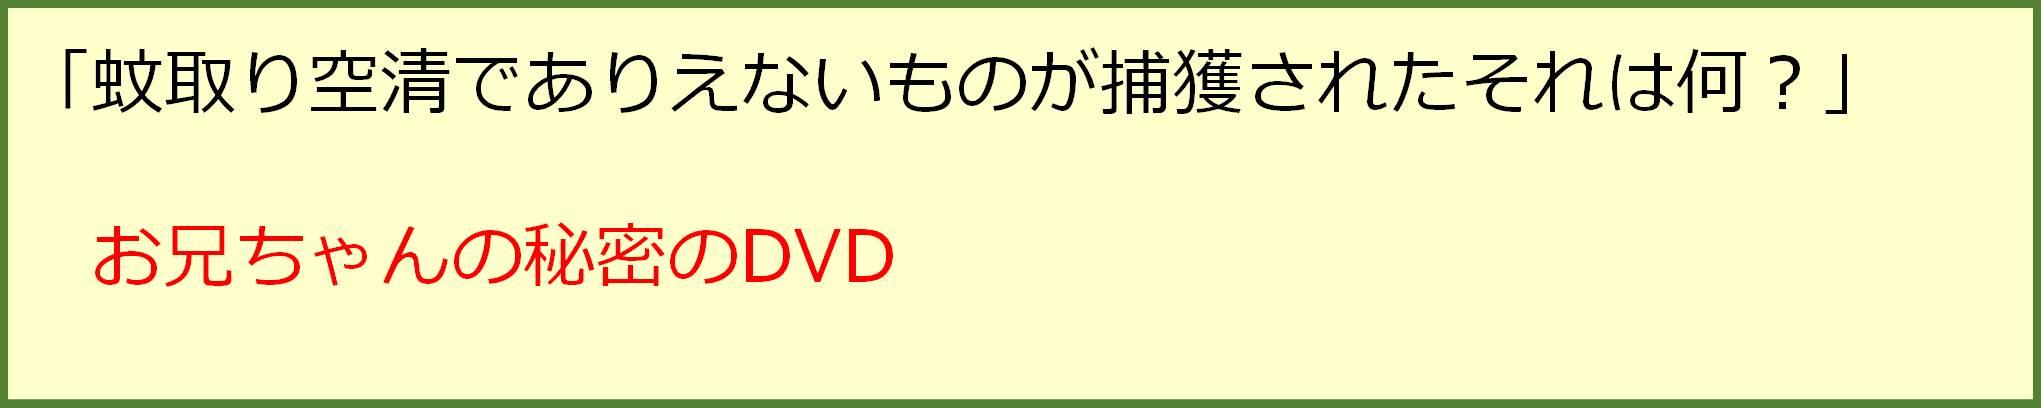 image_161027_1-3